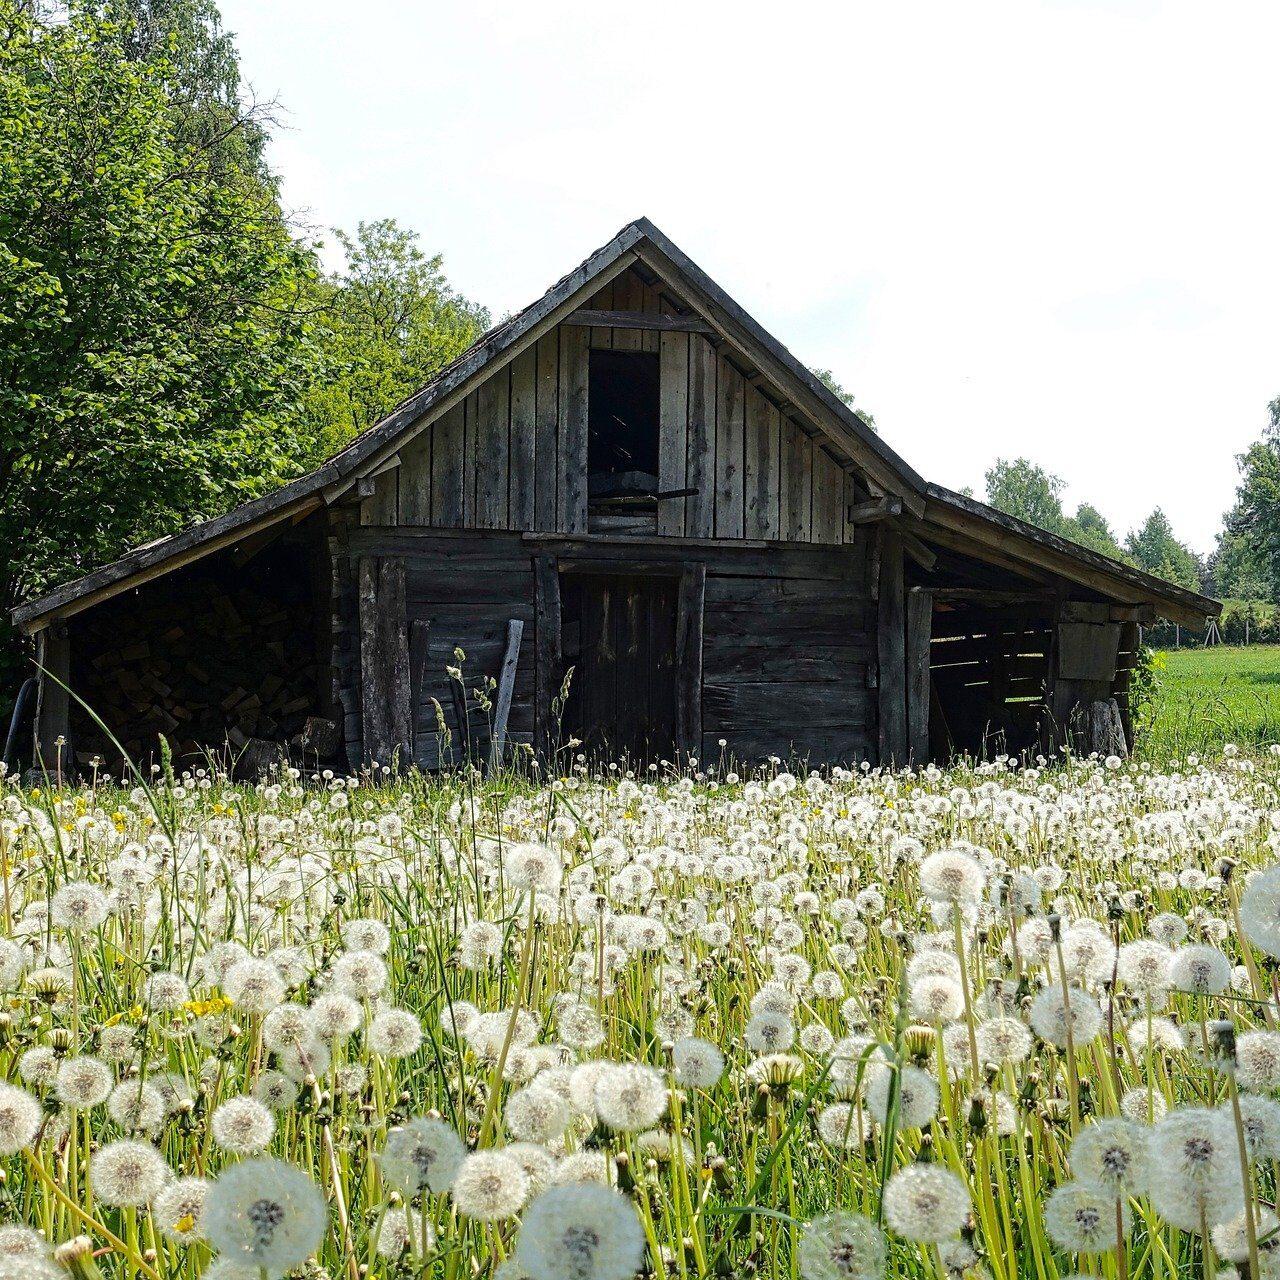 Hütte in der Wiese